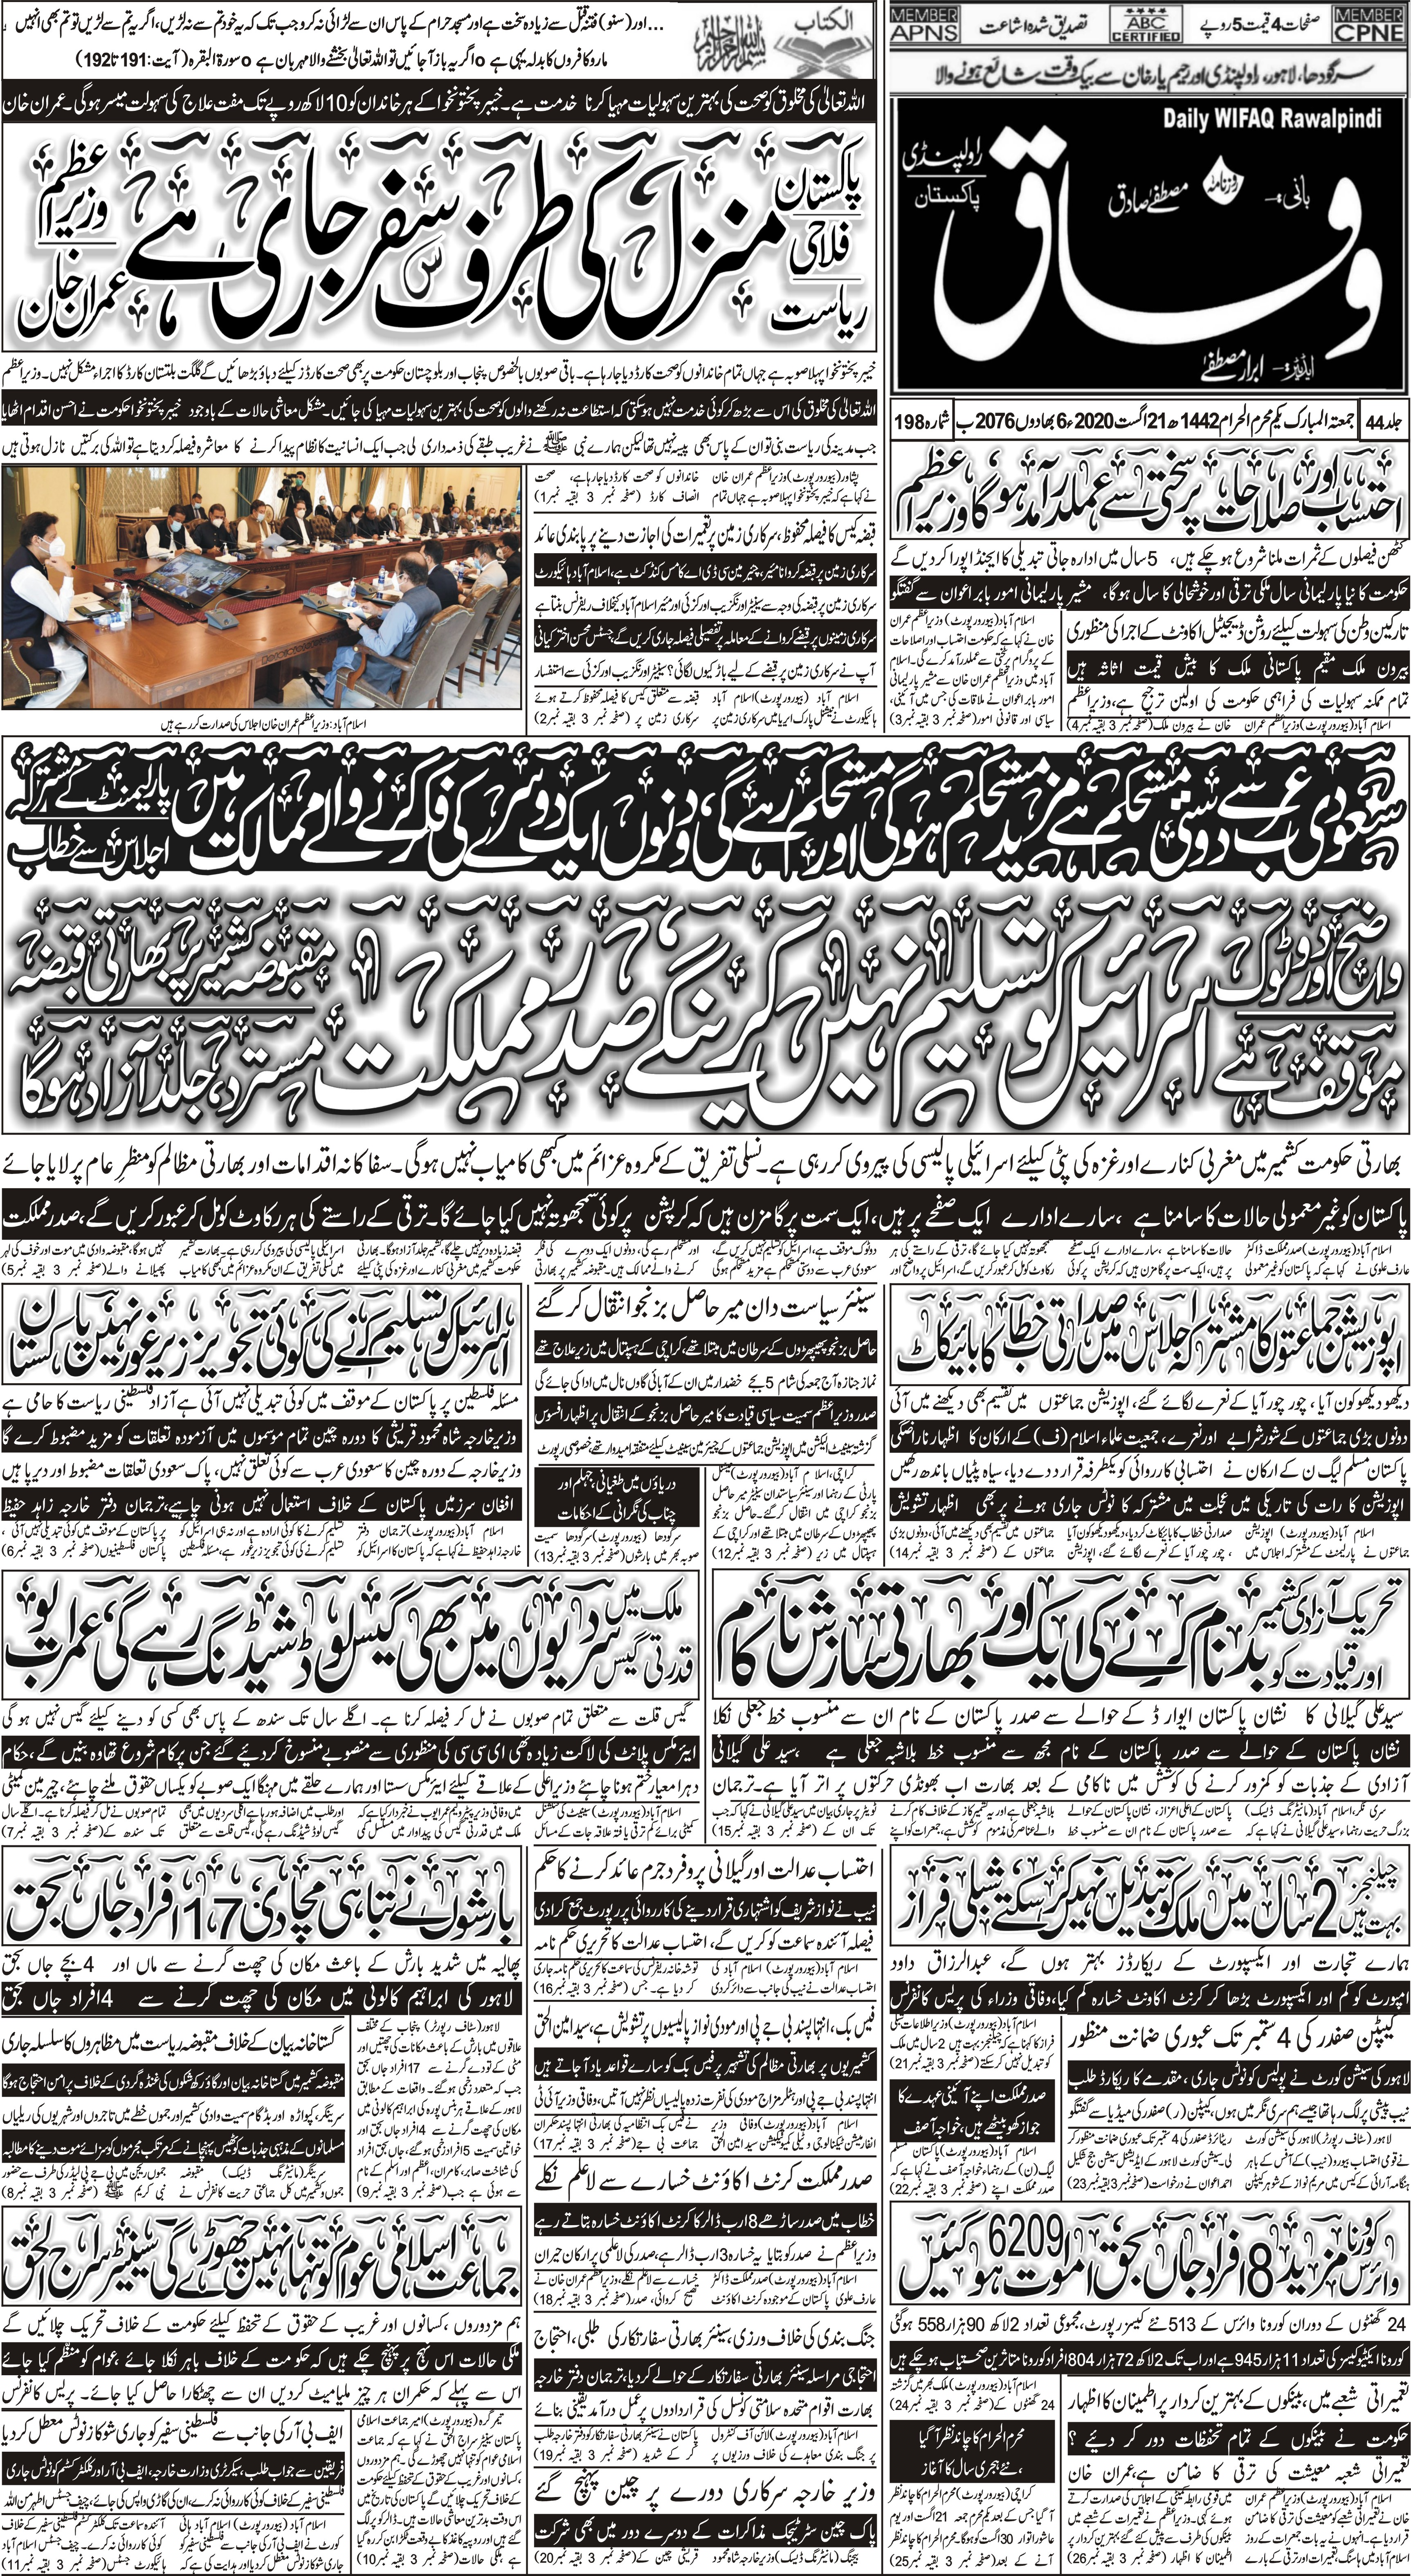 e-Paper – Daily Wifaq – Rawalpindi – 21-08-2020